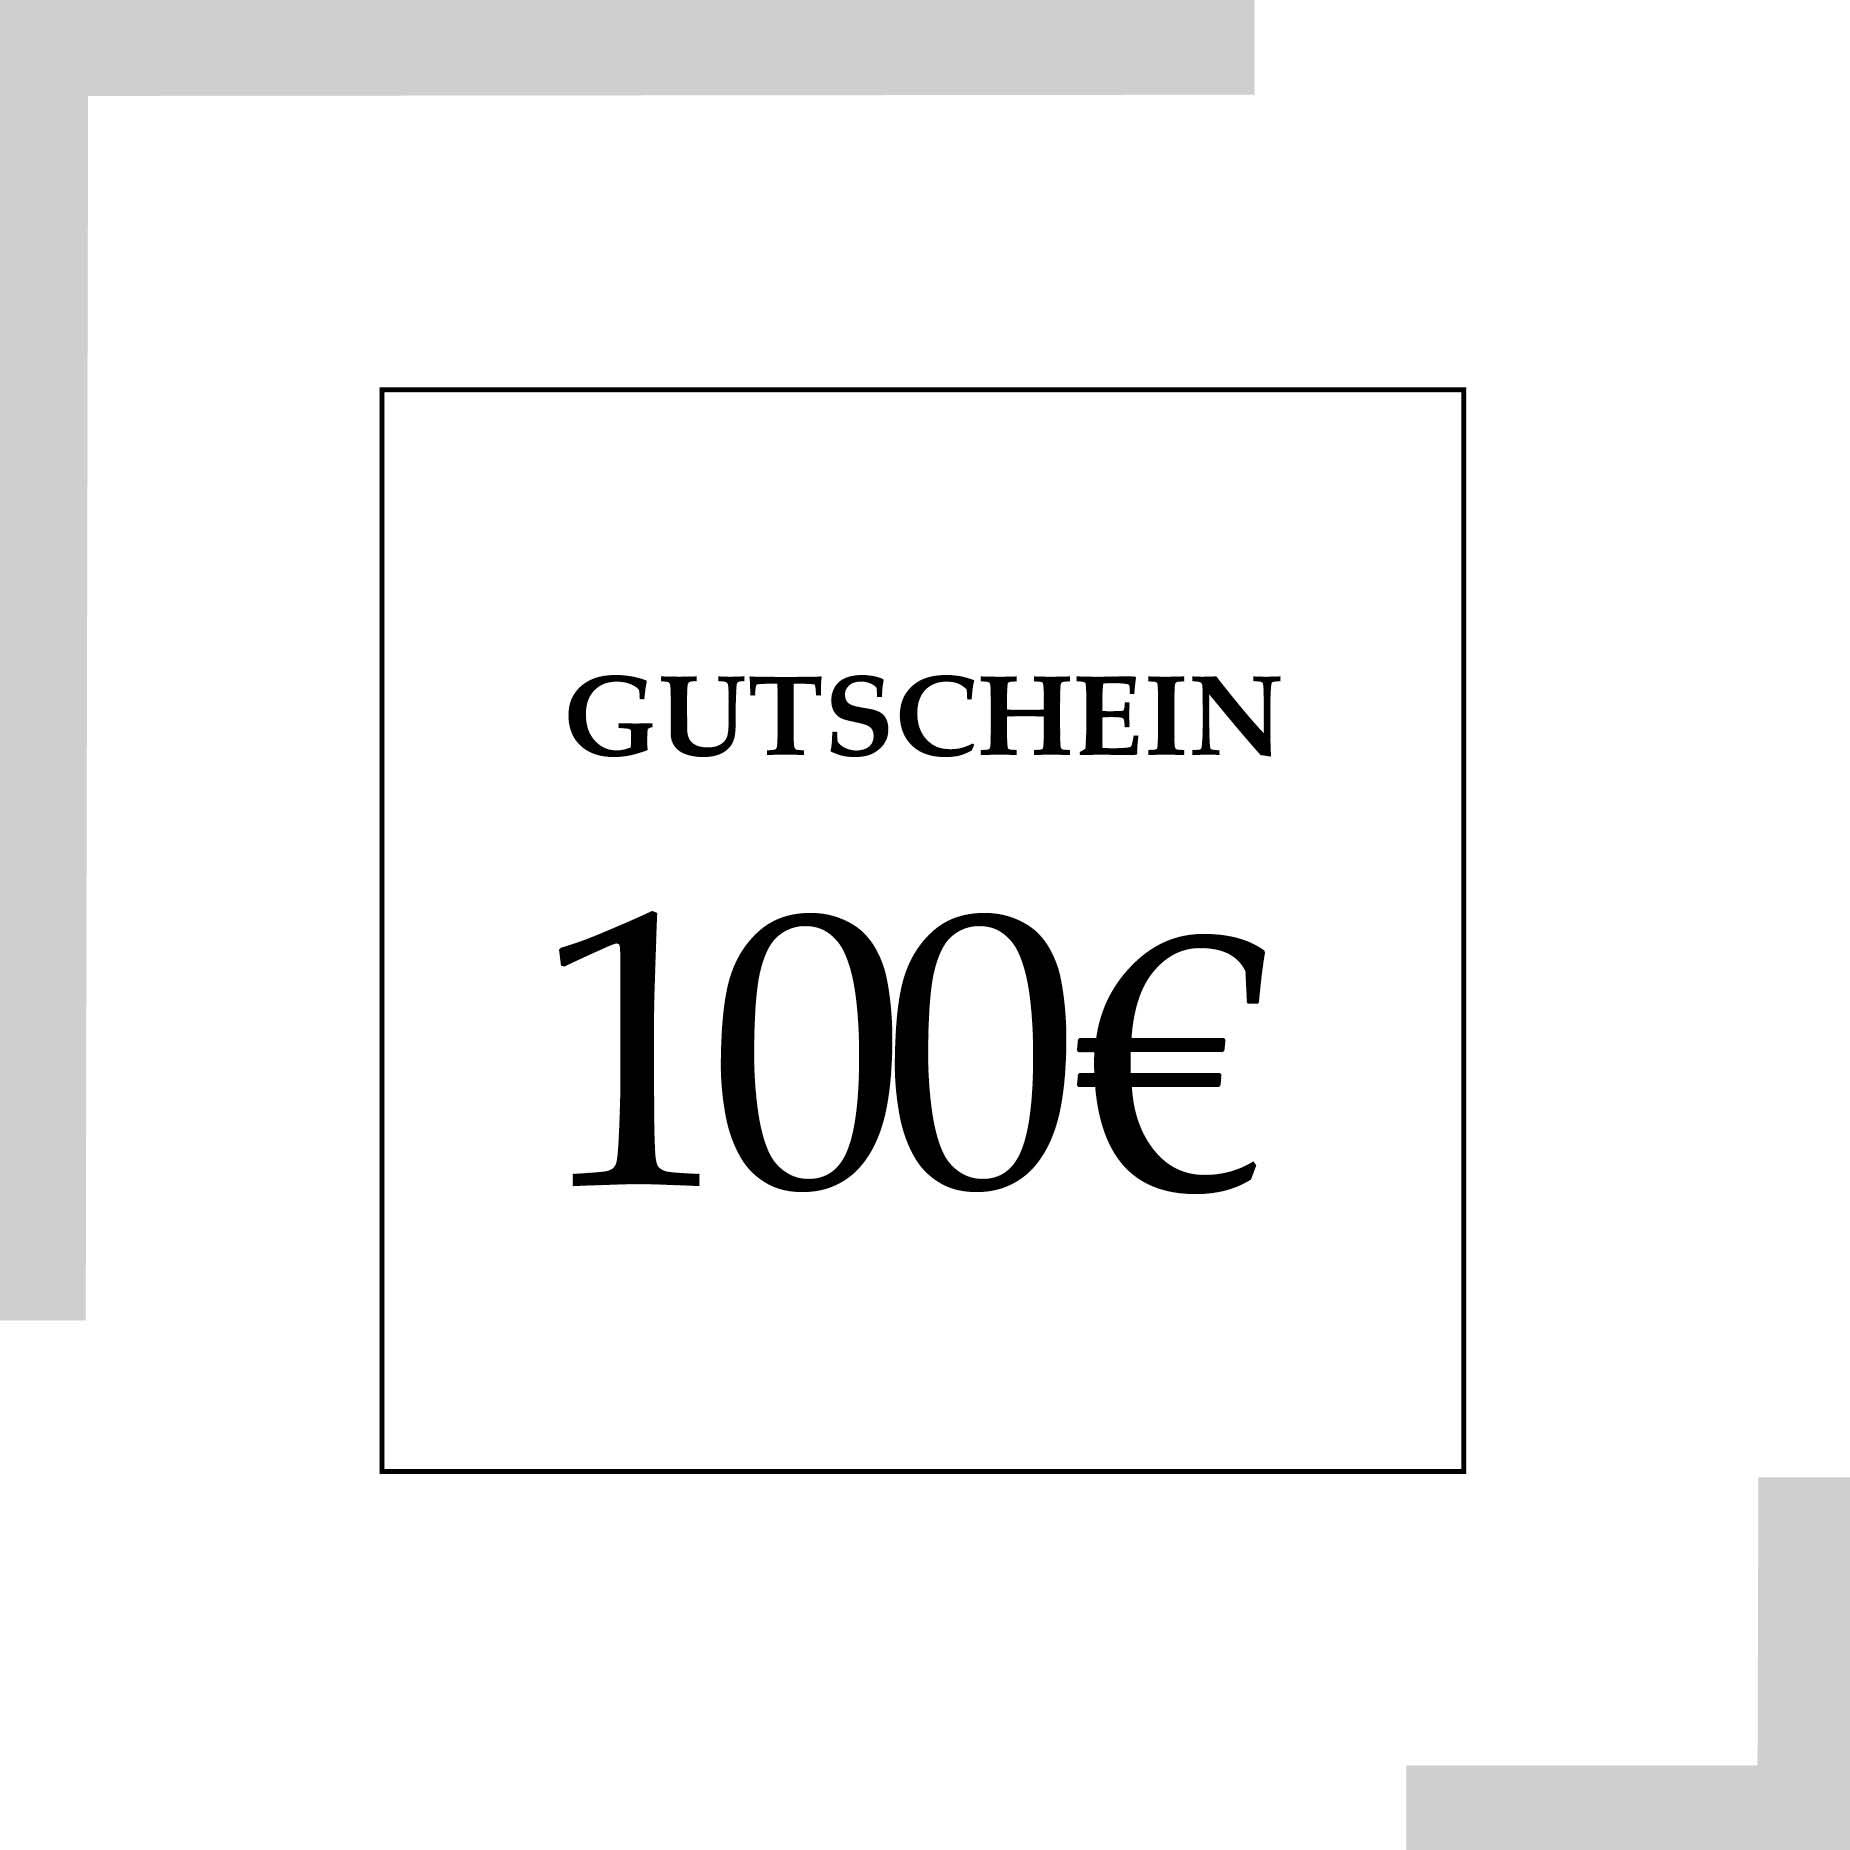 Gutschein 100 Euro | HopeCosmetics